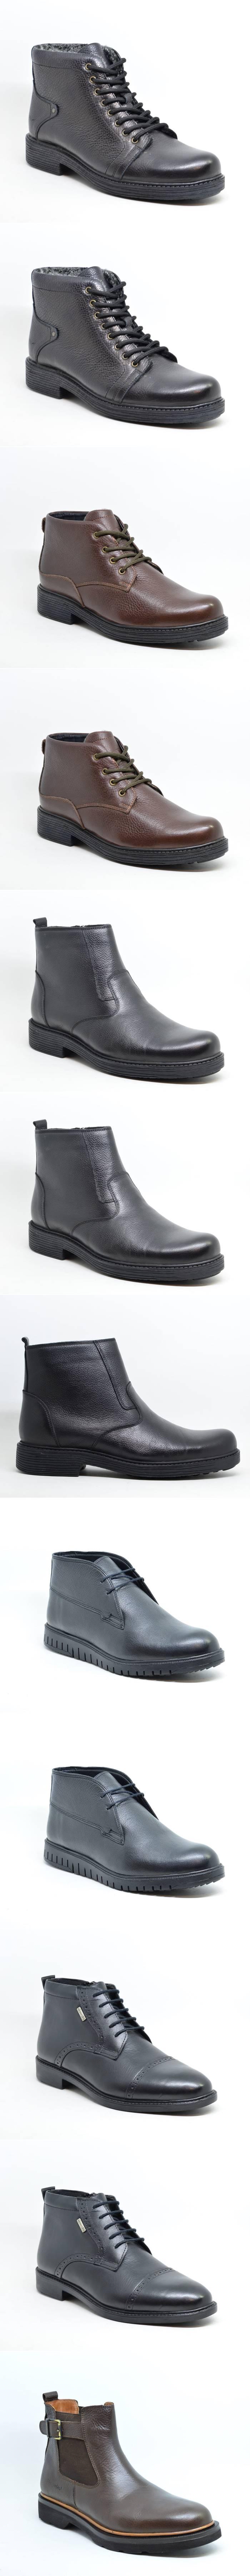 sinop sökmar ayakkabı, sinop ayakkabı,